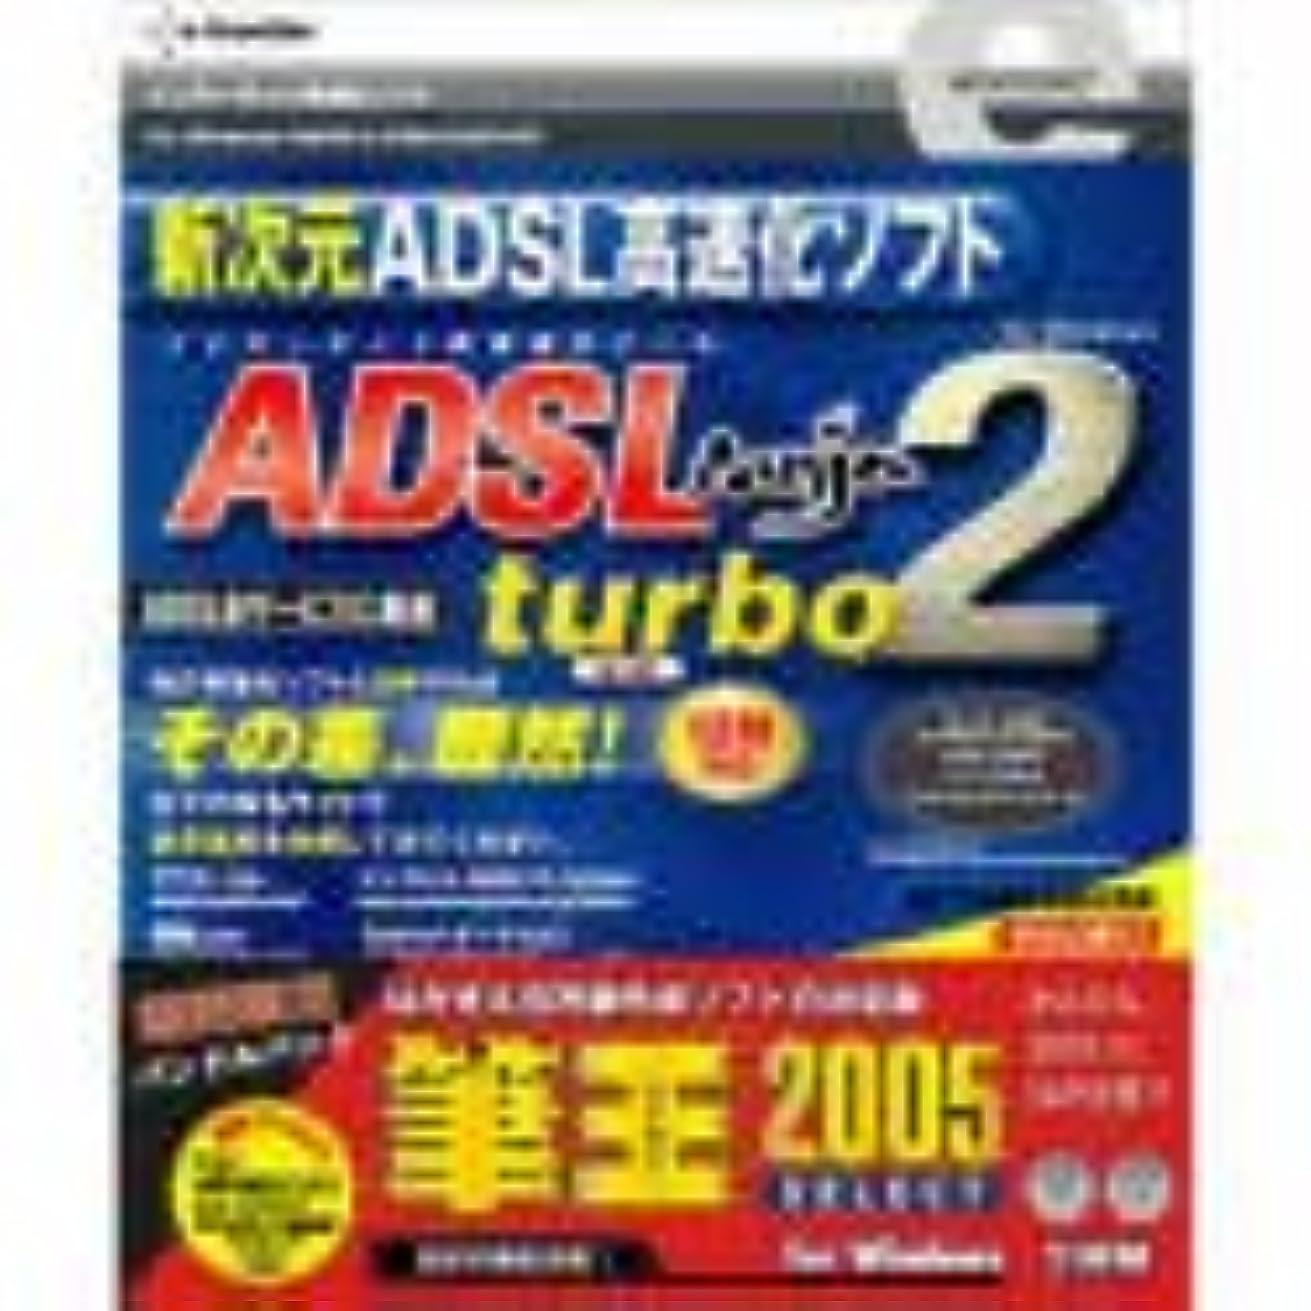 のぞき穴ケープ水分eプライスシリーズ ADSL Ninja turbo 2 + 筆王 2005[SELECT]